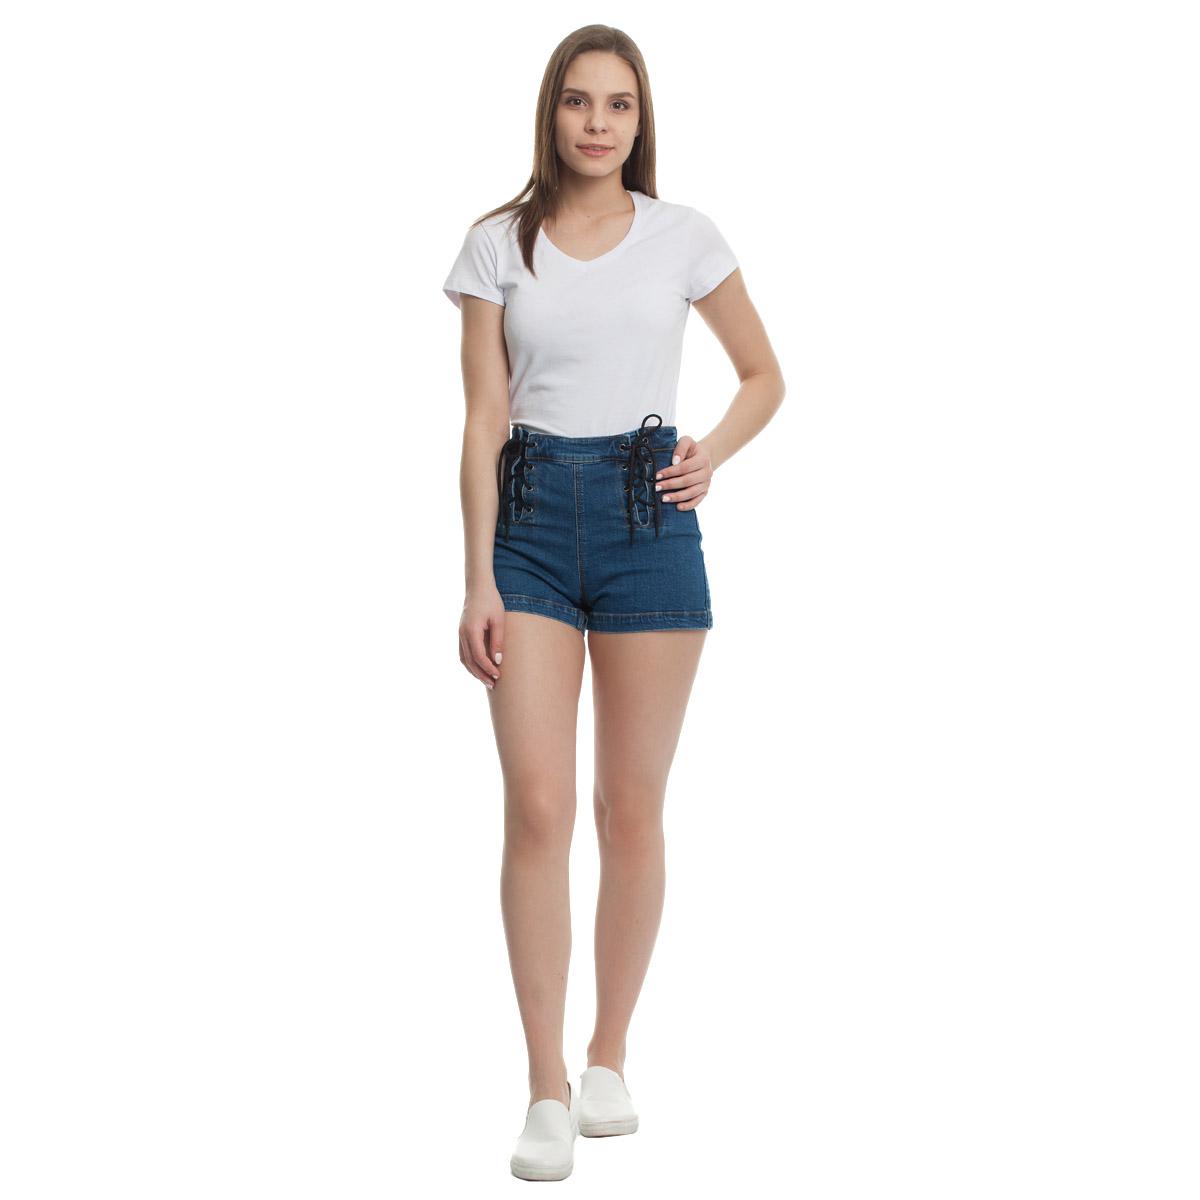 Шорты джинсовые Sevenext, S-75 шорты джинсовые sevenext bd04